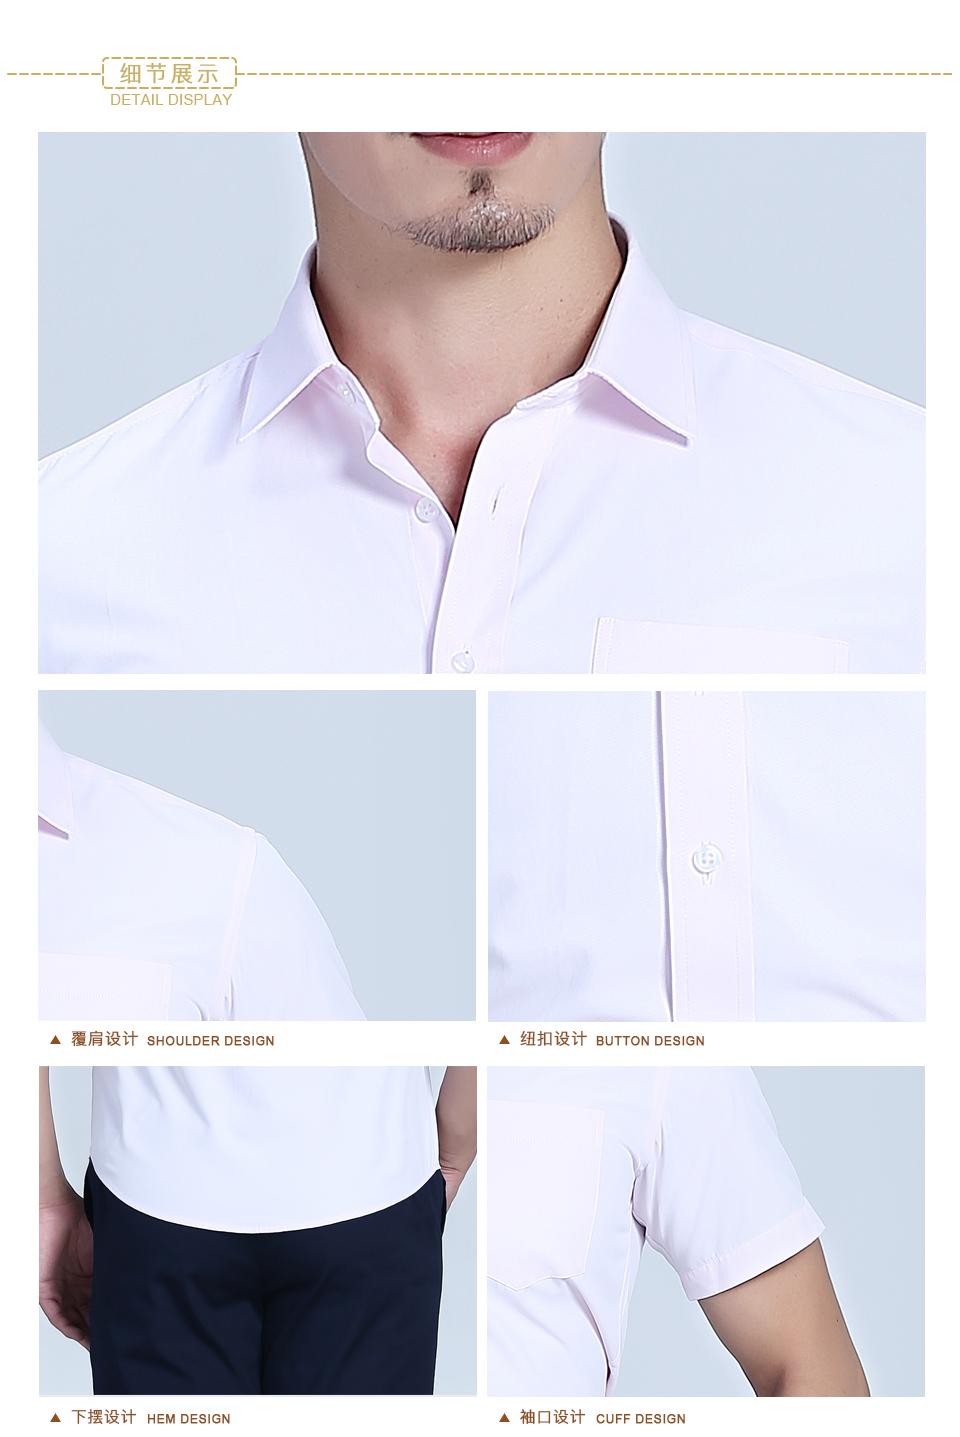 新款衬衫粉色女粉色全棉商务短袖衬衫